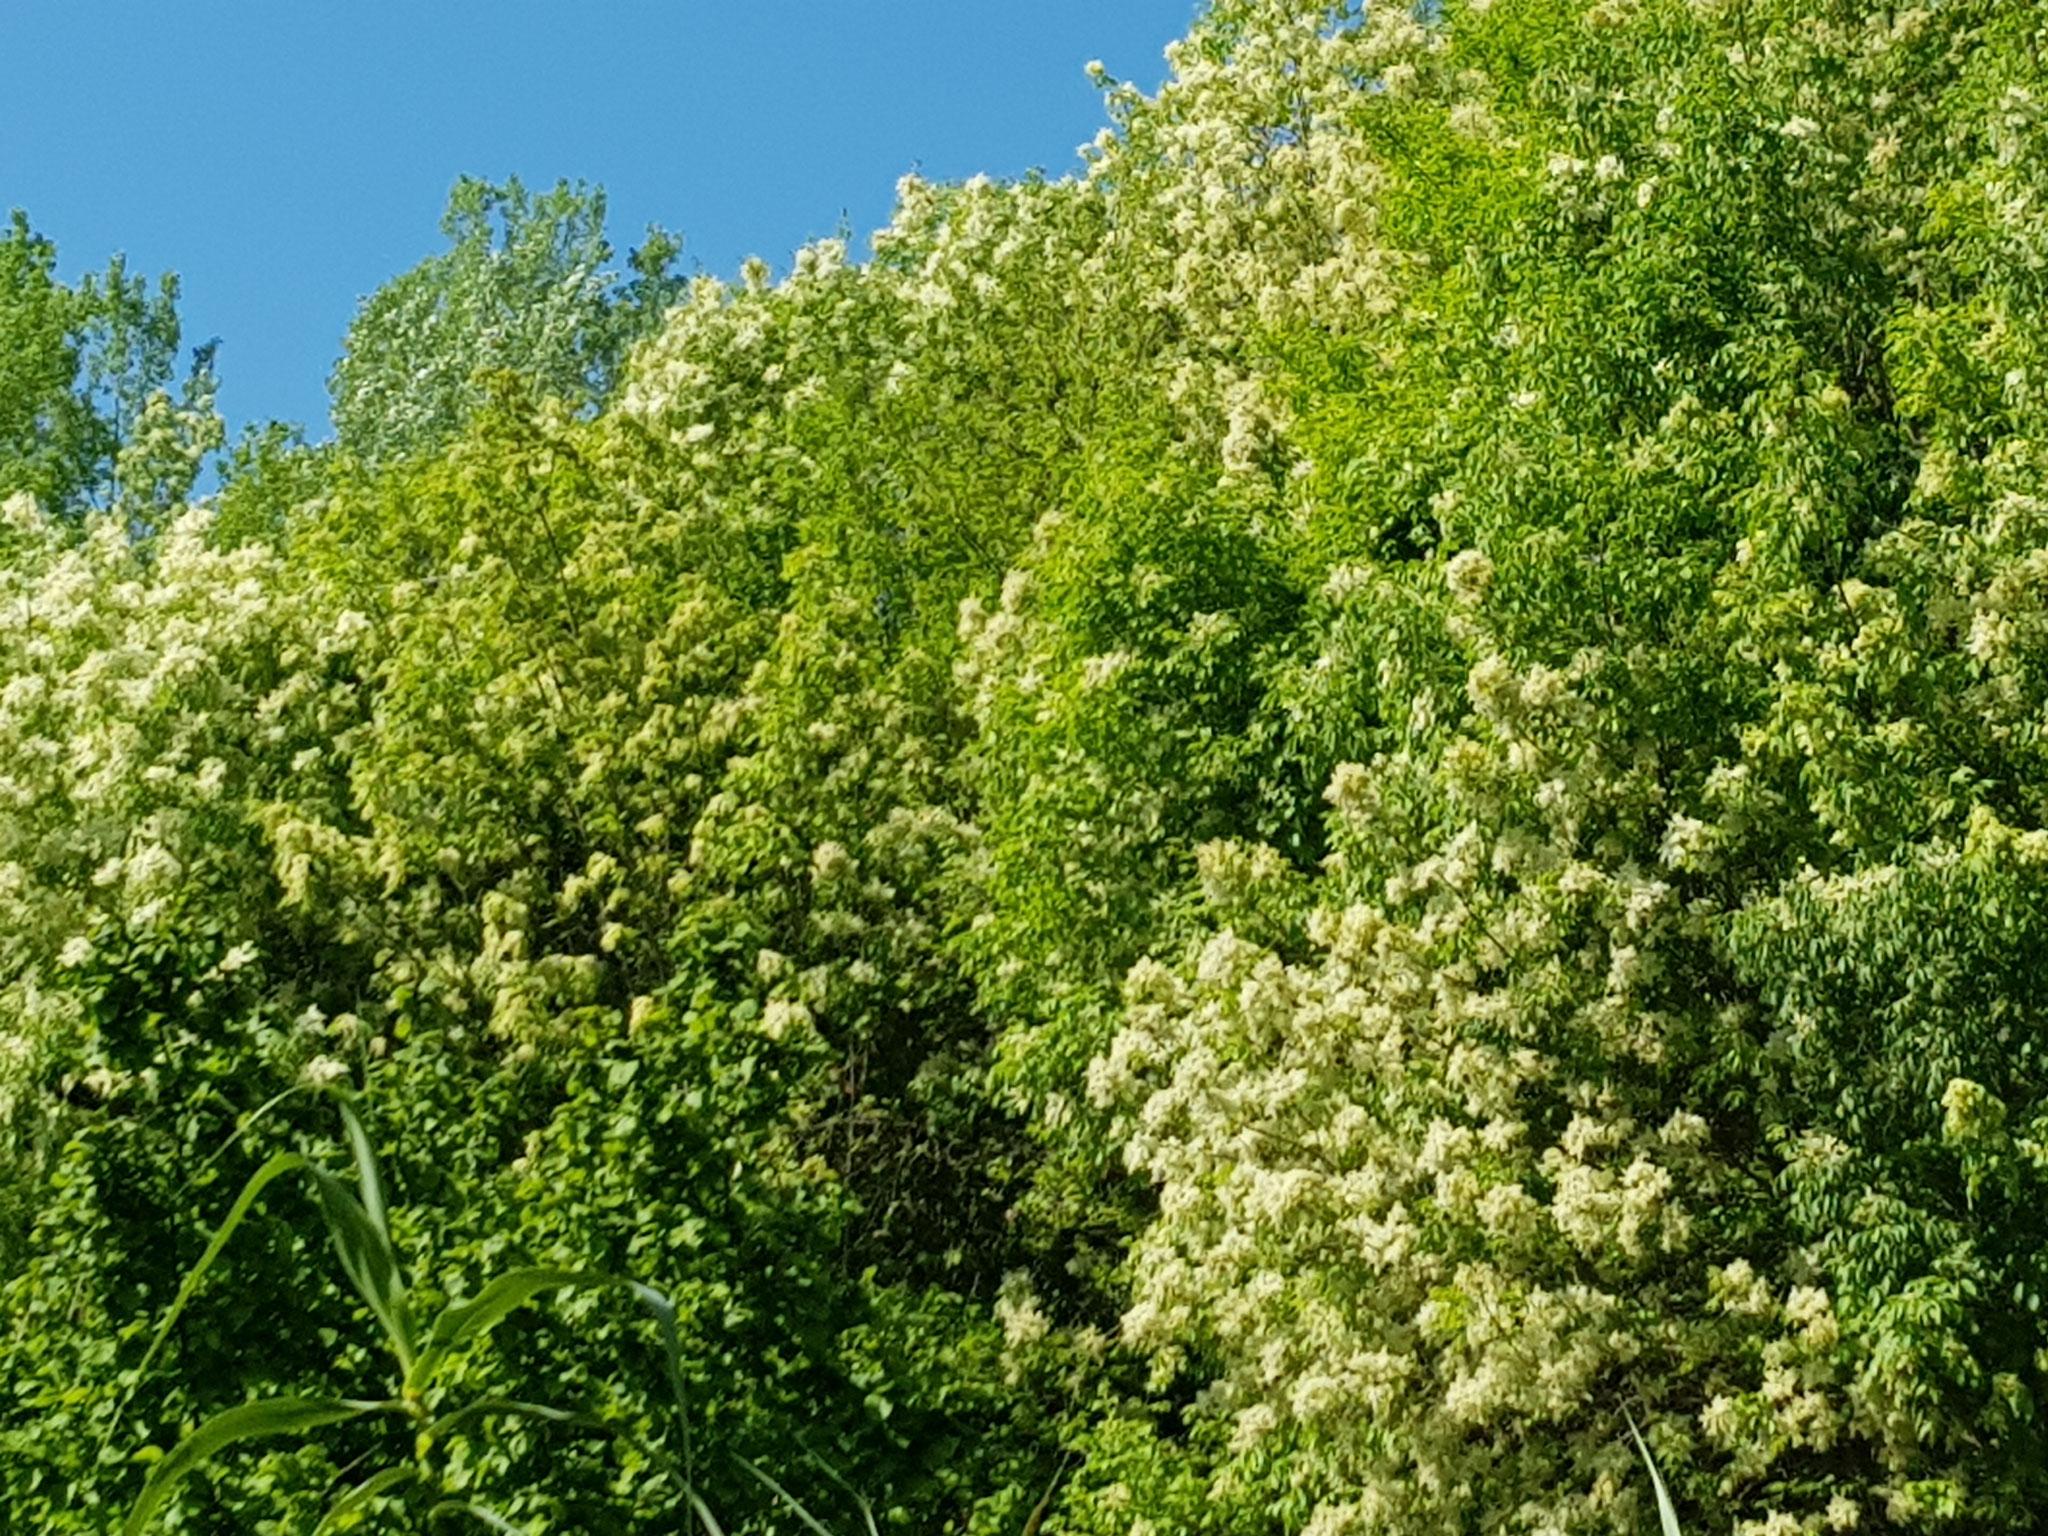 Ein ganzer Robinienwald.